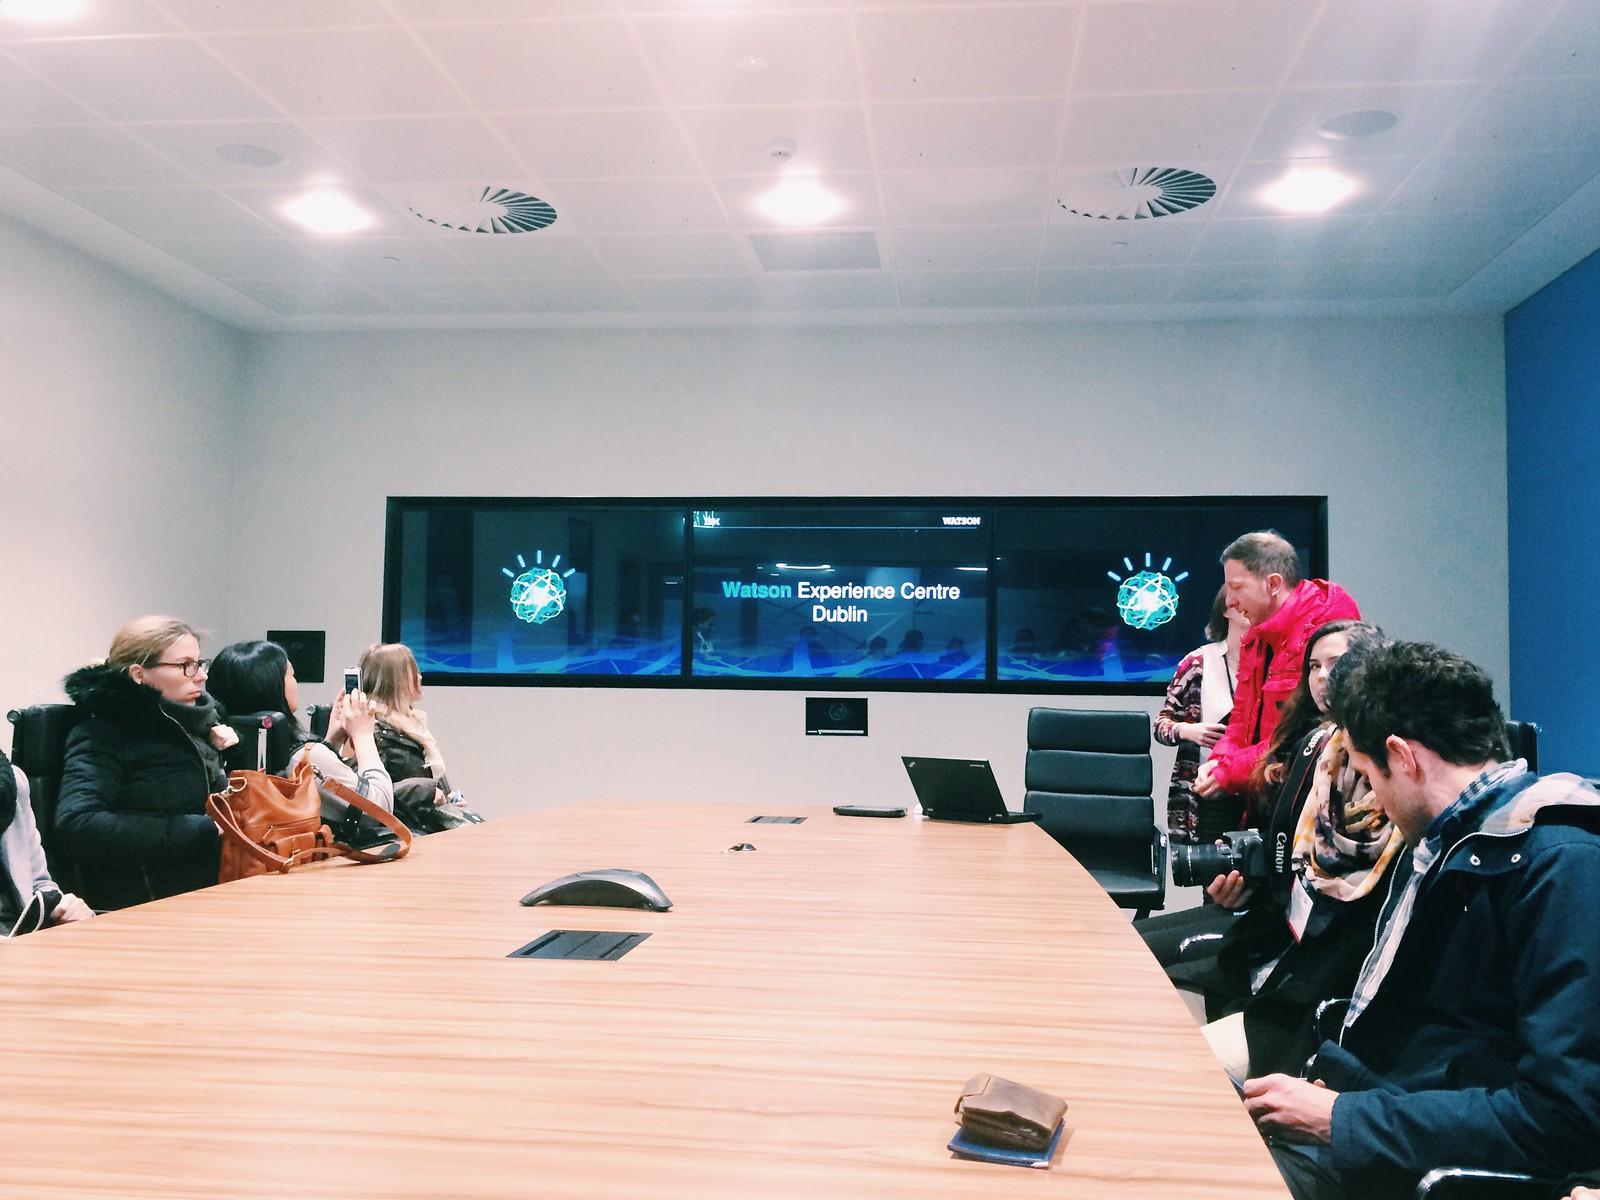 IBM / dublin, day 4